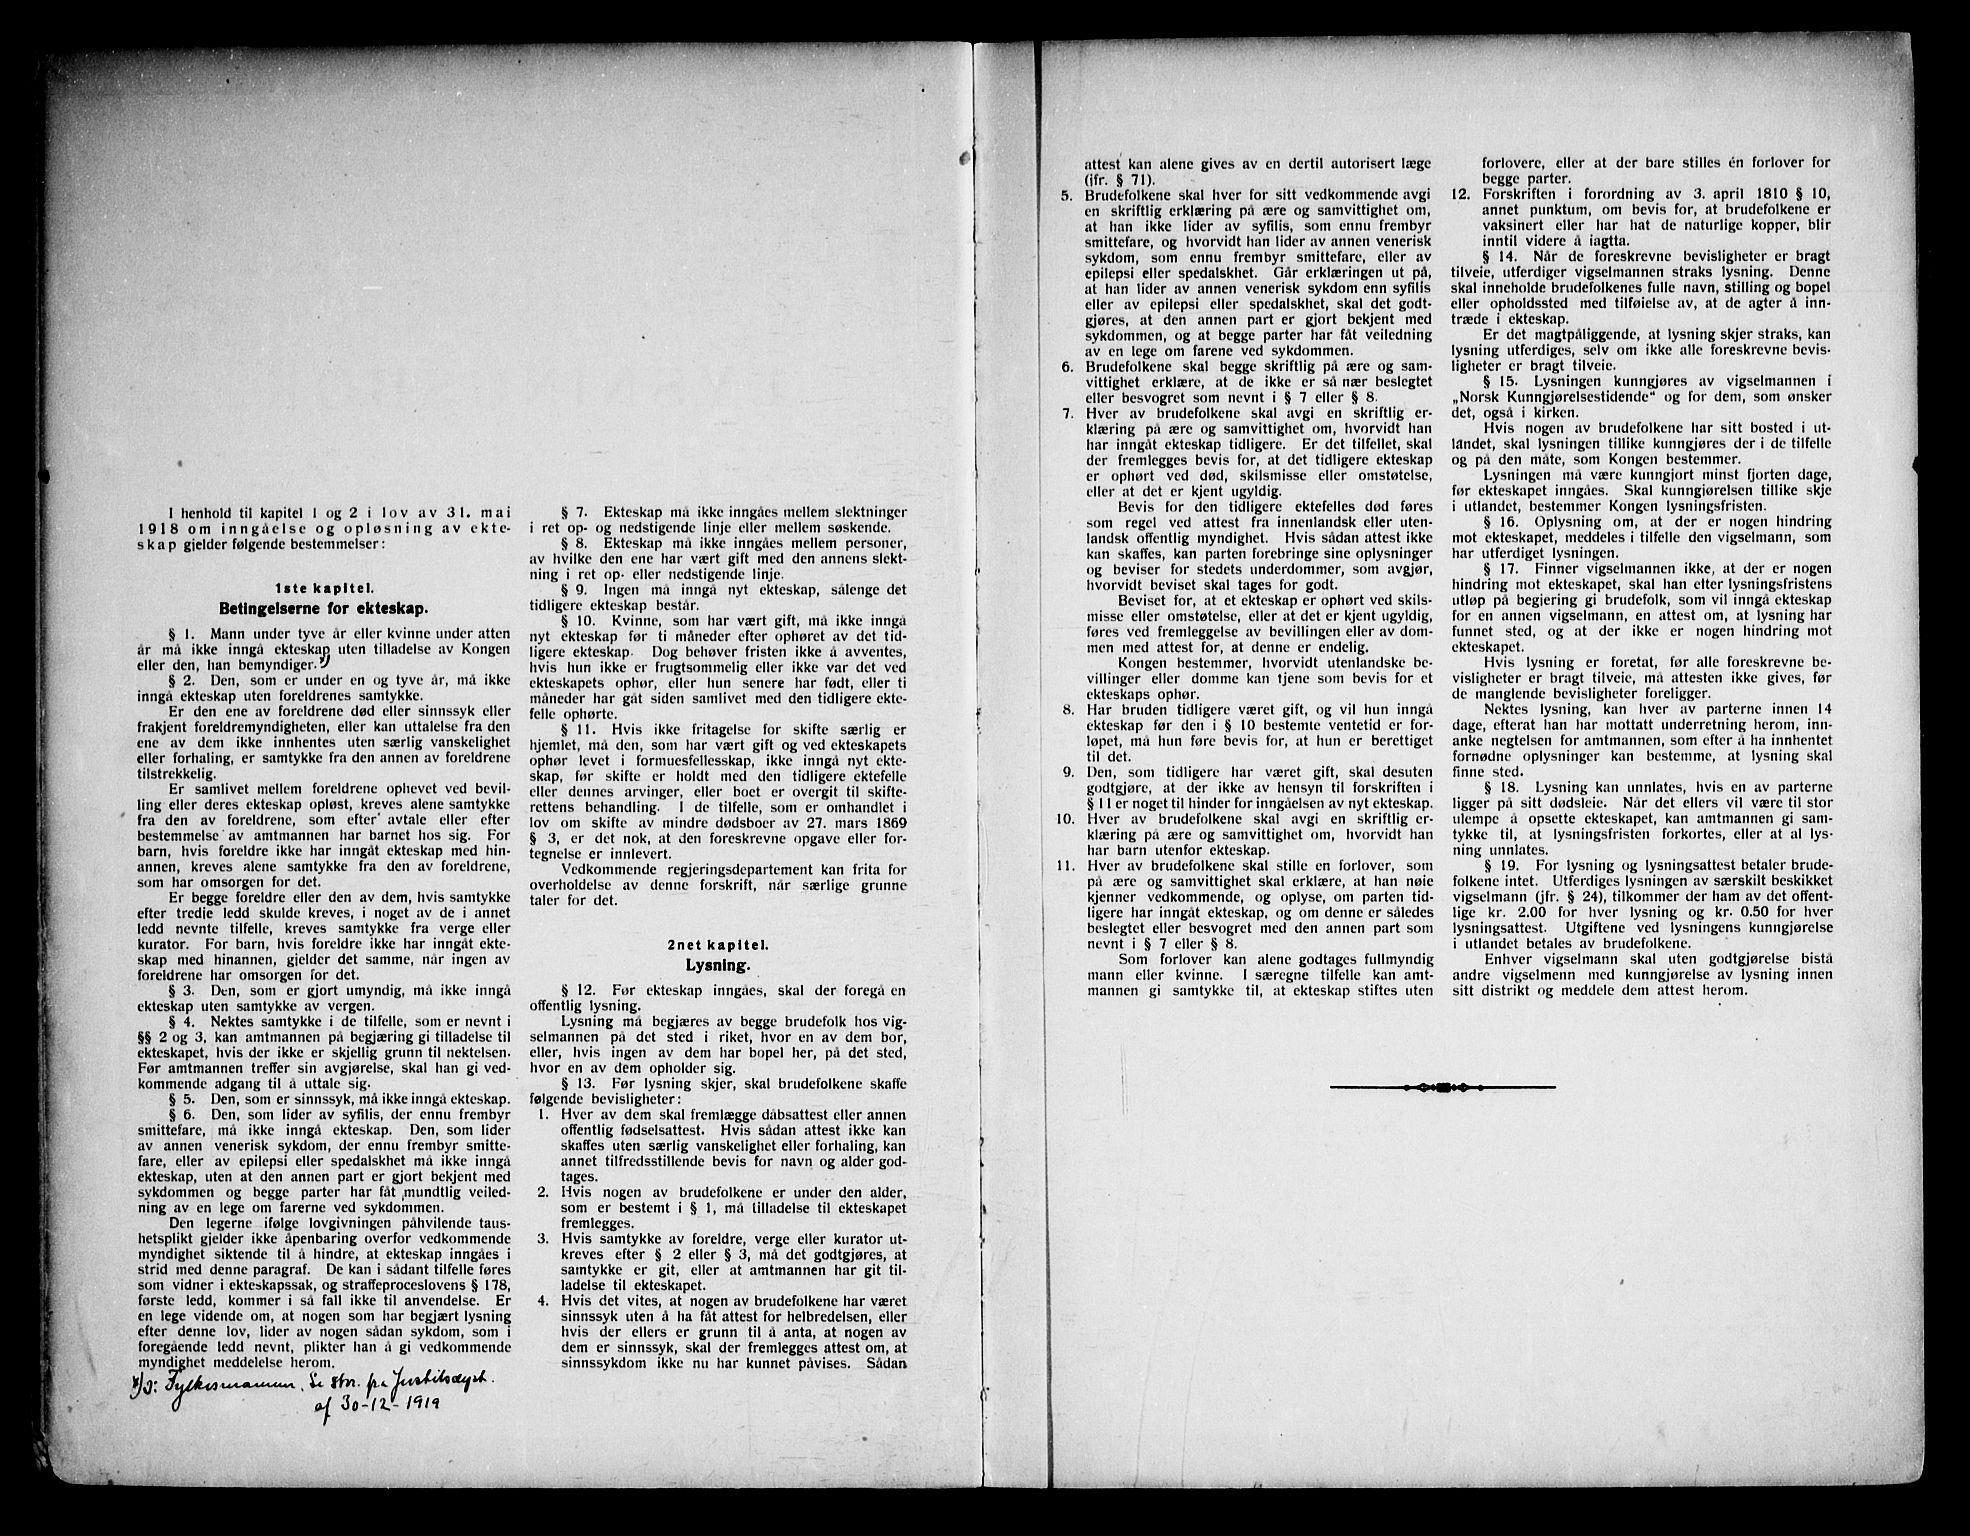 SAKO, Fyresdal kirkebøker, H/Ha/L0001: Lysningsprotokoll nr. 1, 1919-1969